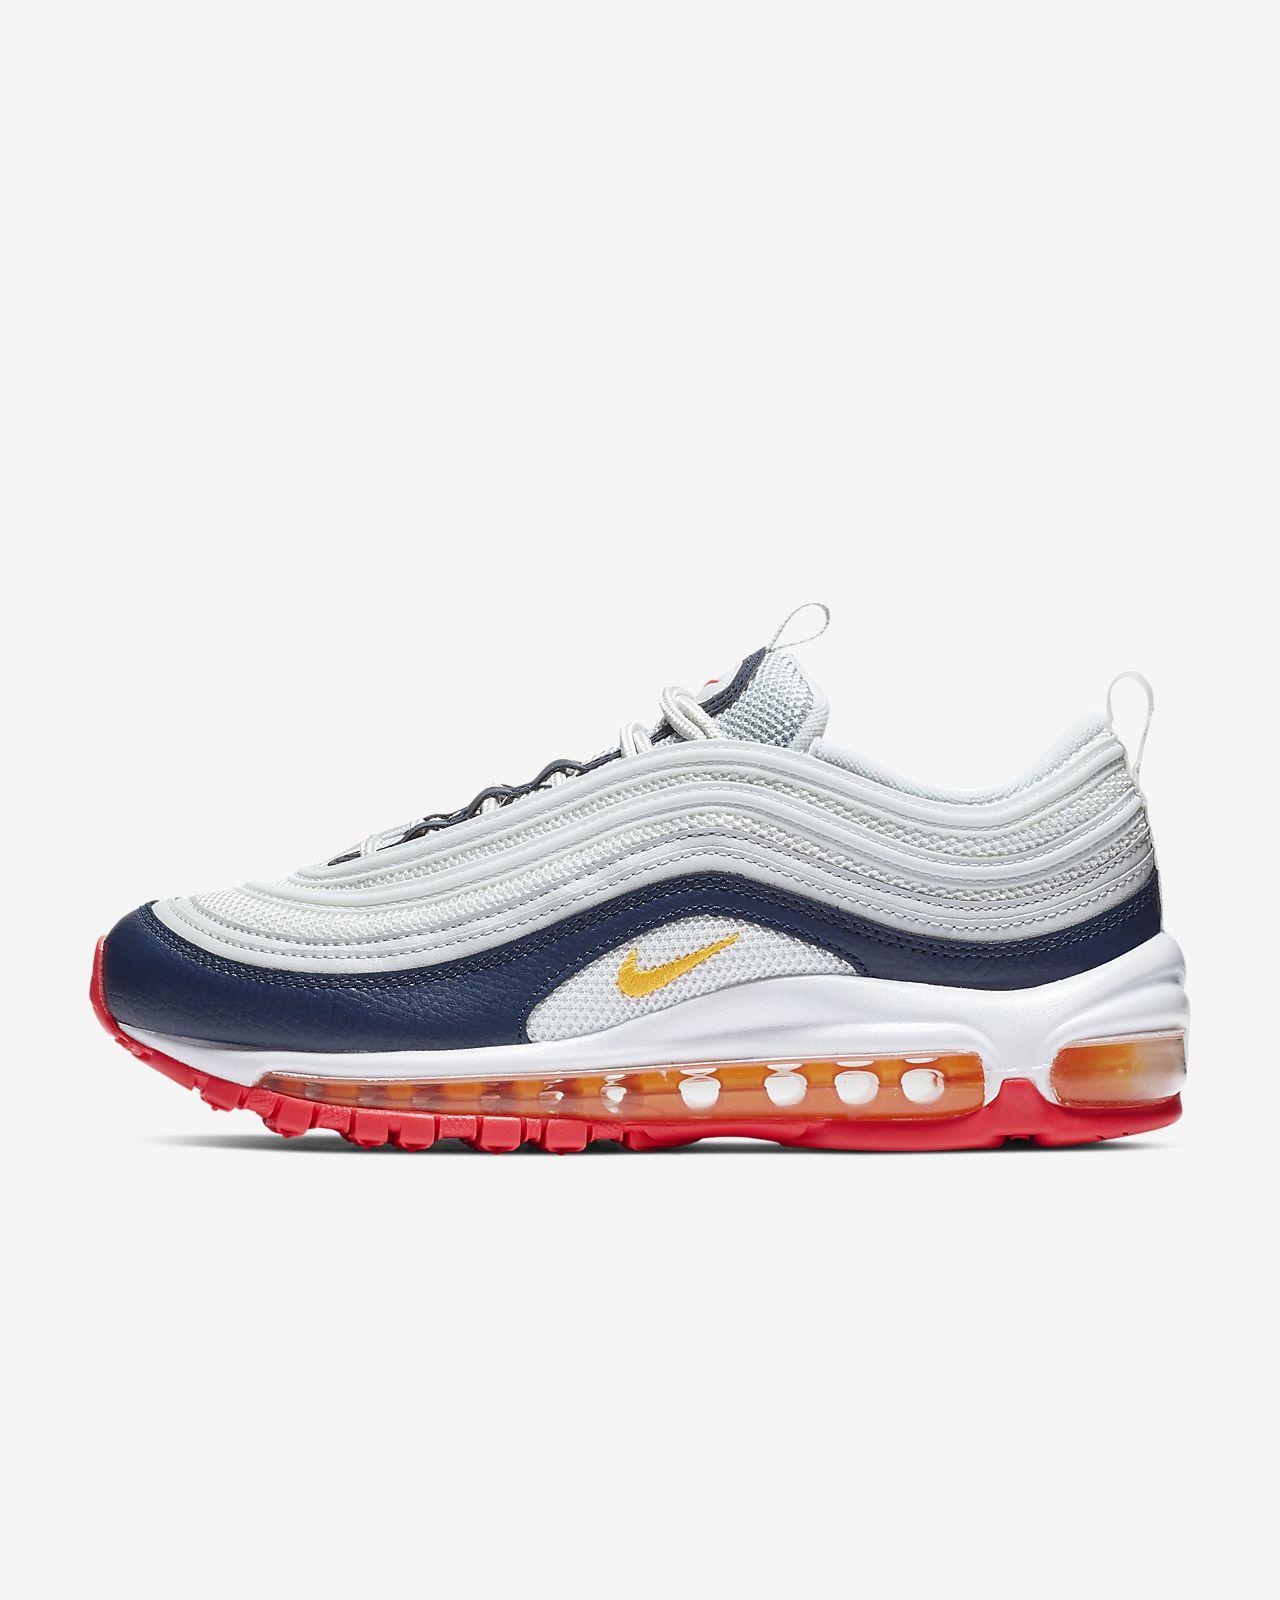 online store 389a3 69e50 ... Chaussure Nike Air Max 97 Premium pour Femme